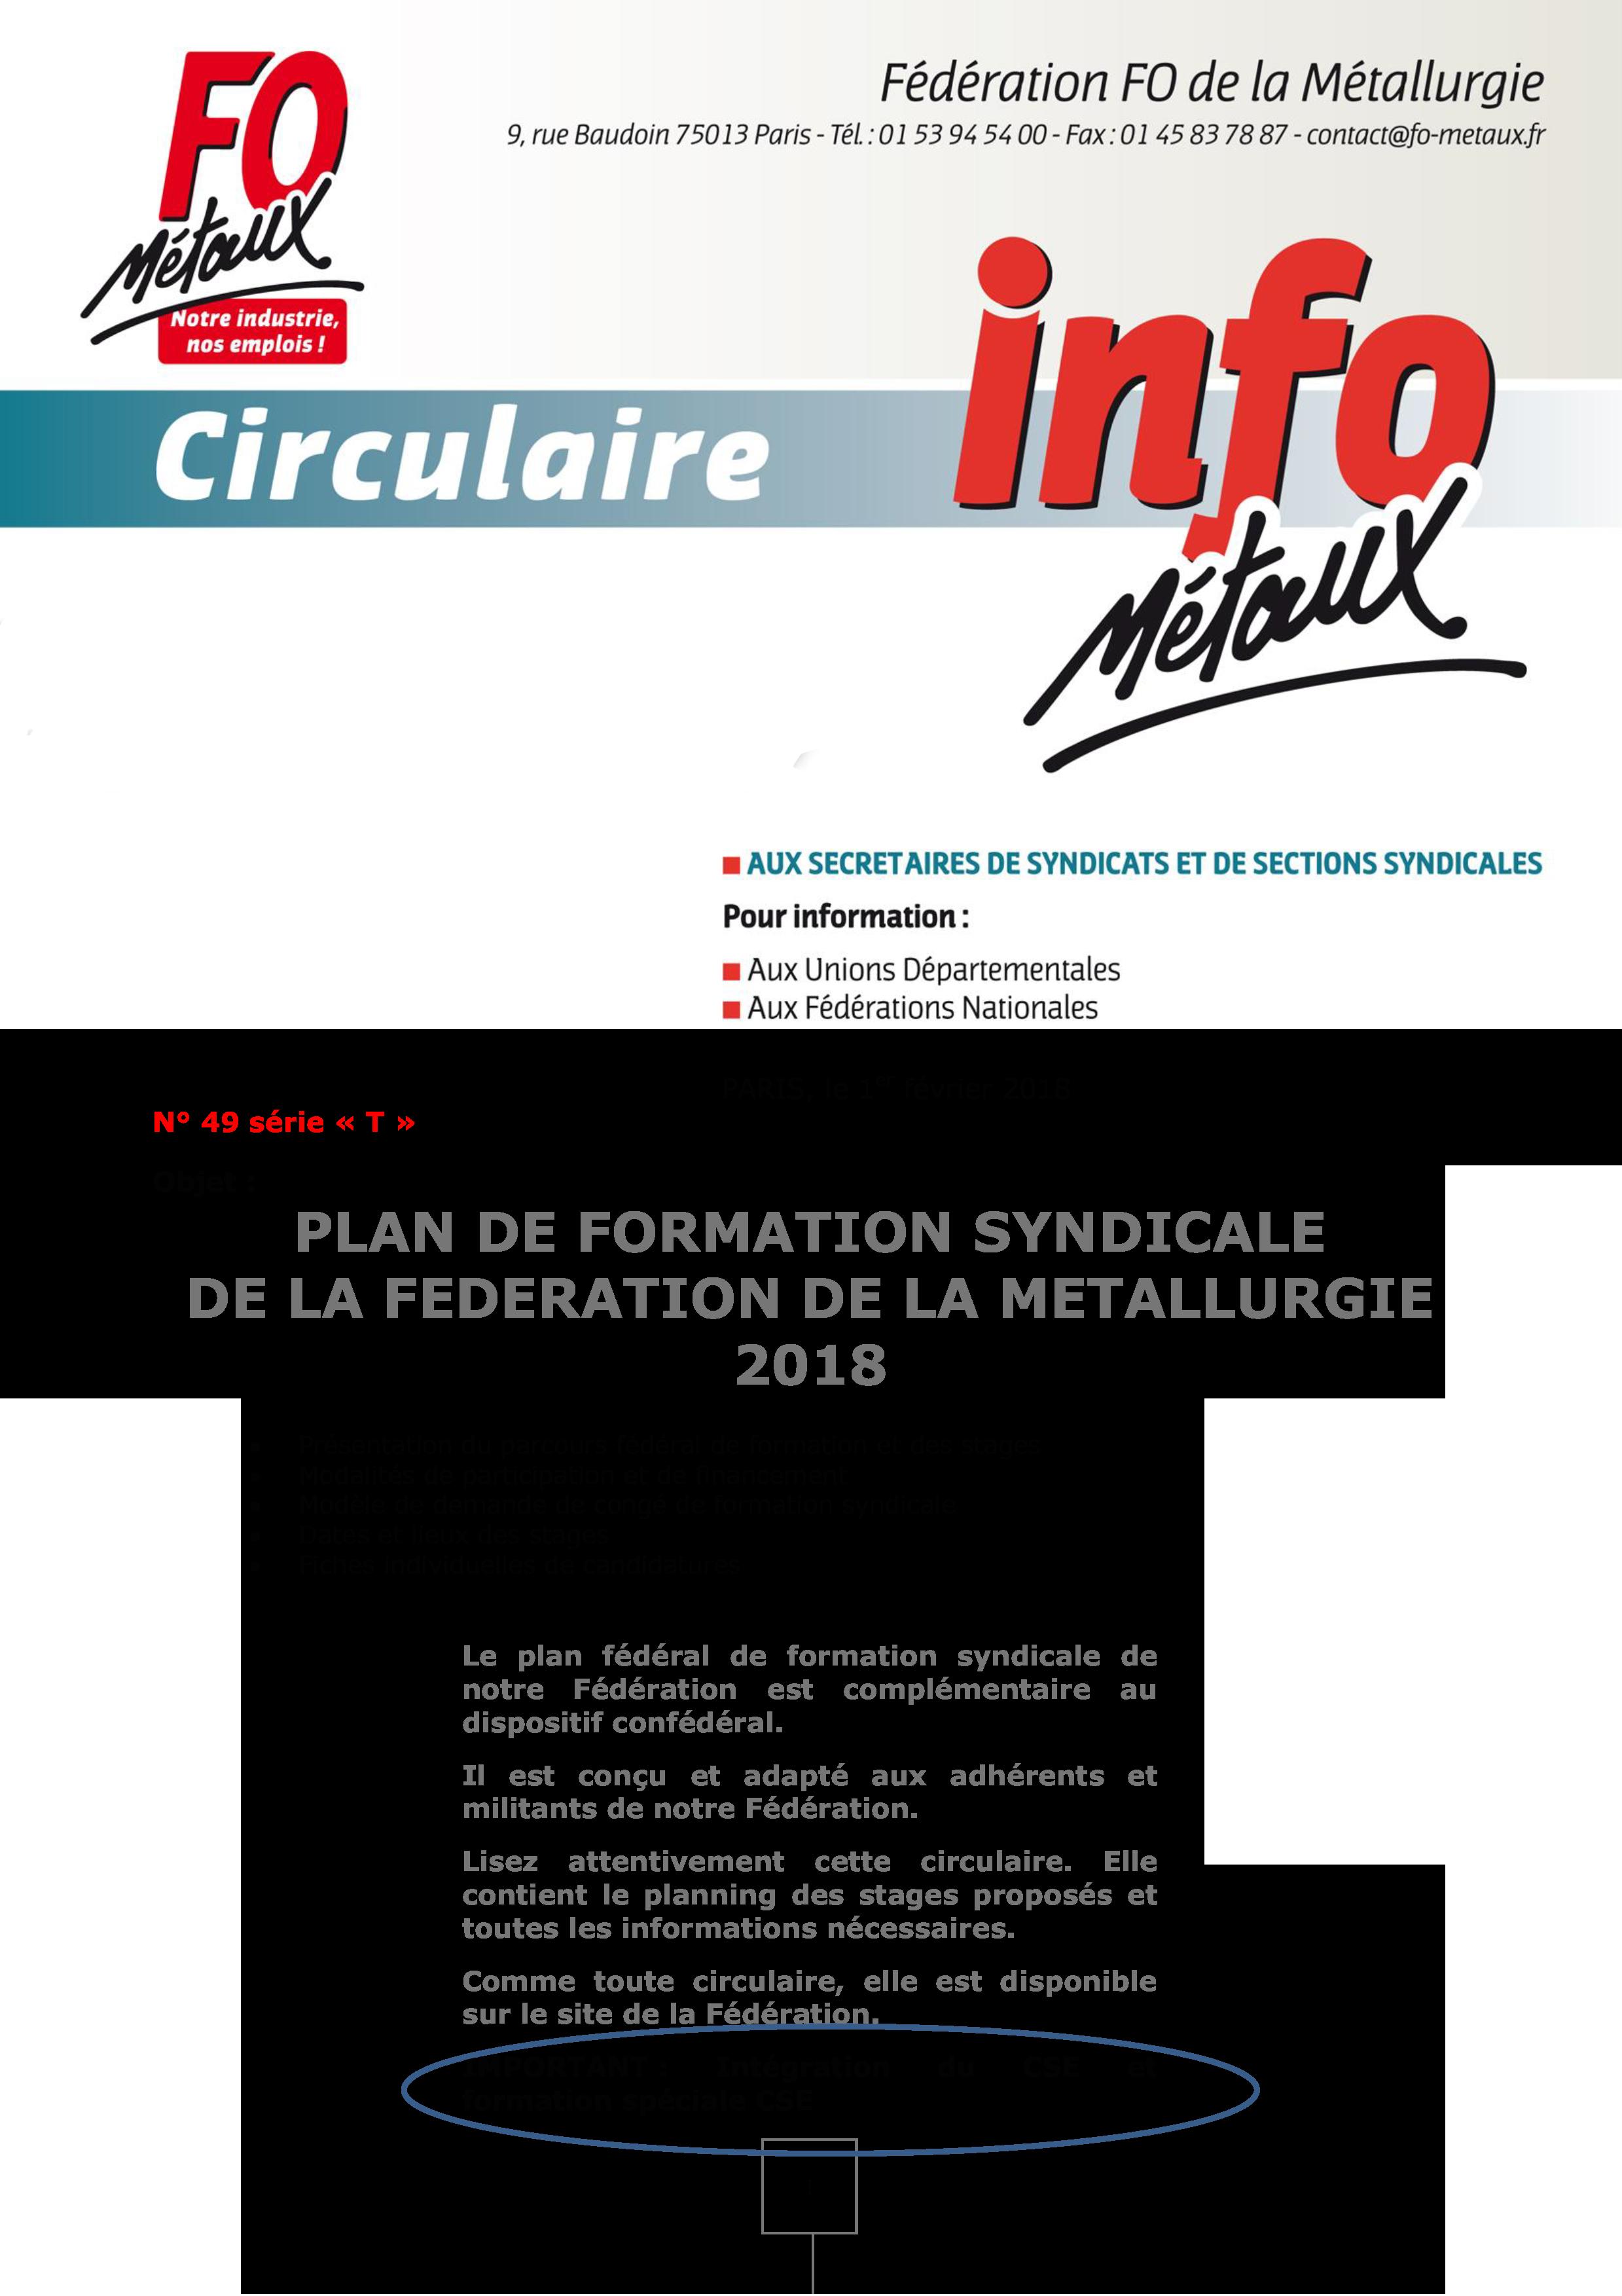 964e4b1ca51 Plan de formation syndicale de la fédération de la Métallurgie